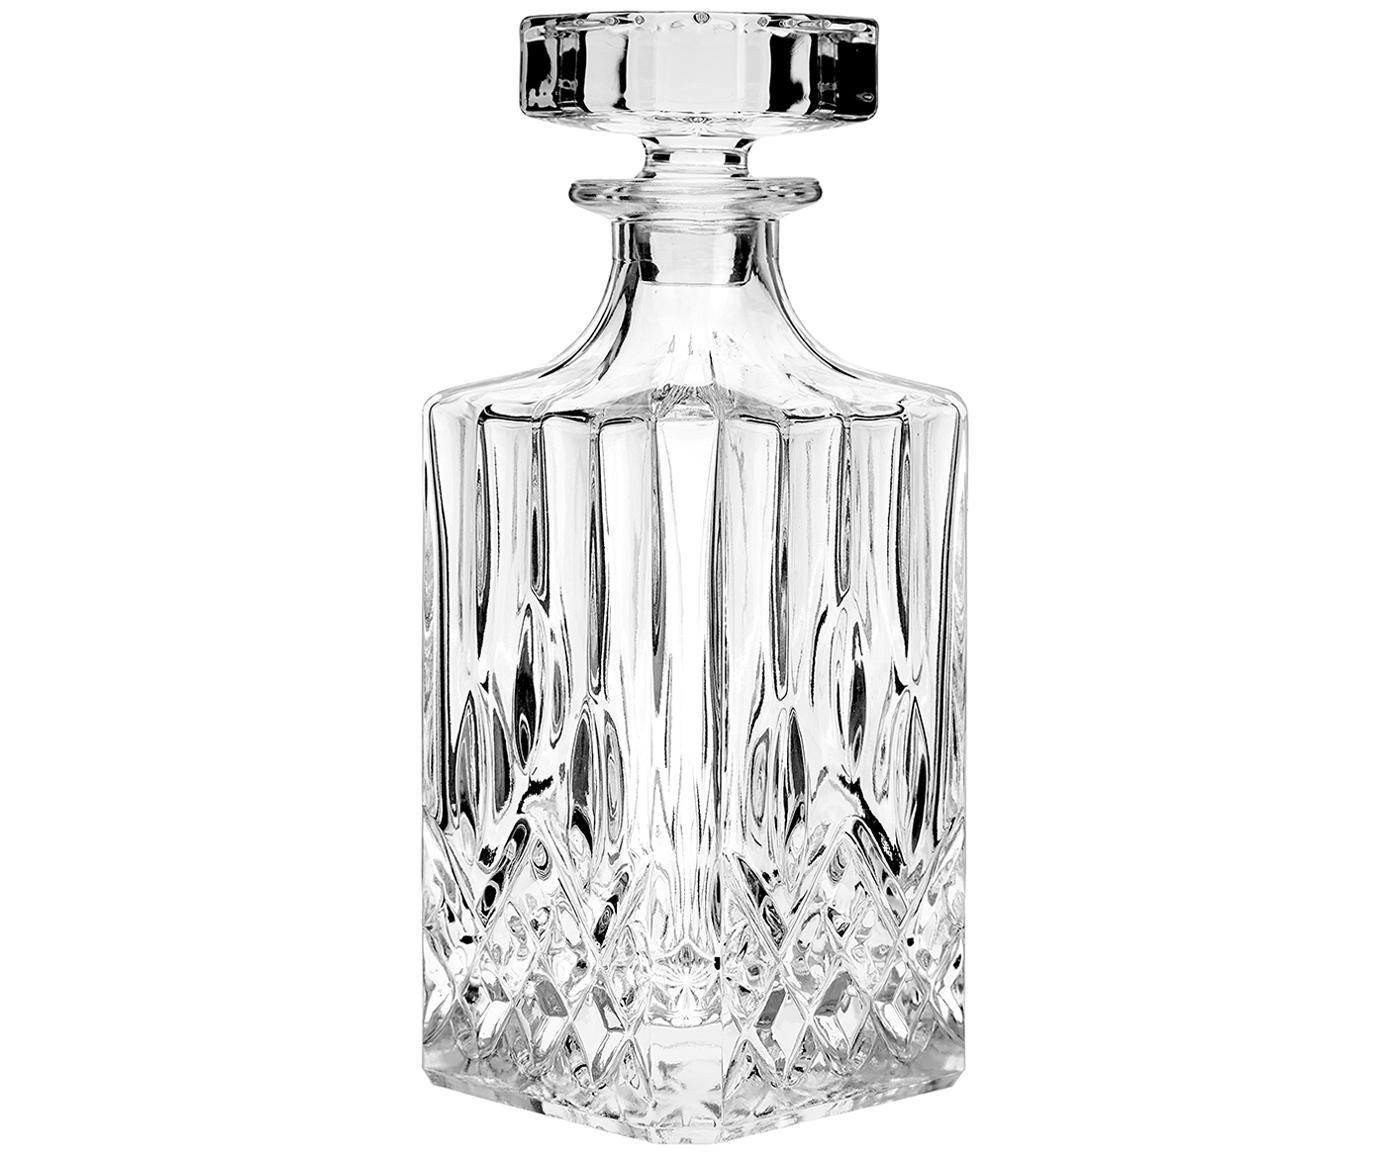 Komplet do whisky George, 3 elem., Szkło, Transparentny, Różne rozmiary